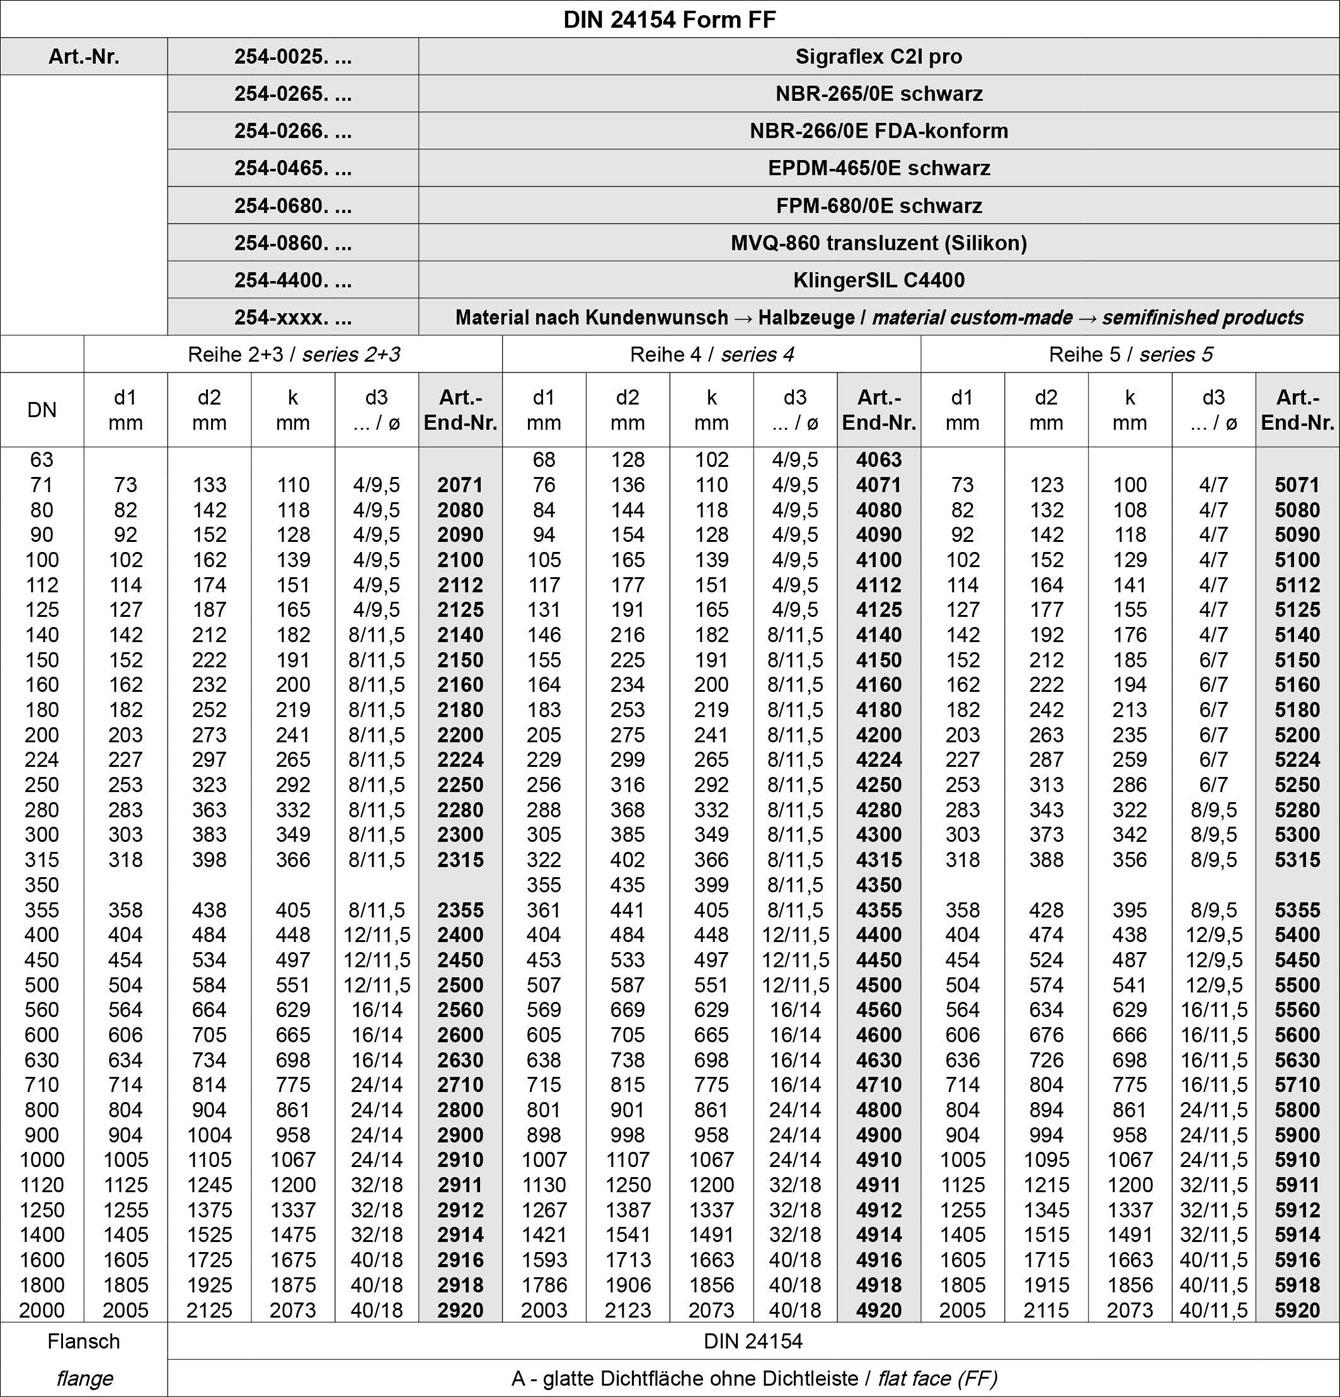 Tabelle Flachdichtung mit Schraubenlöchern EN-DIN